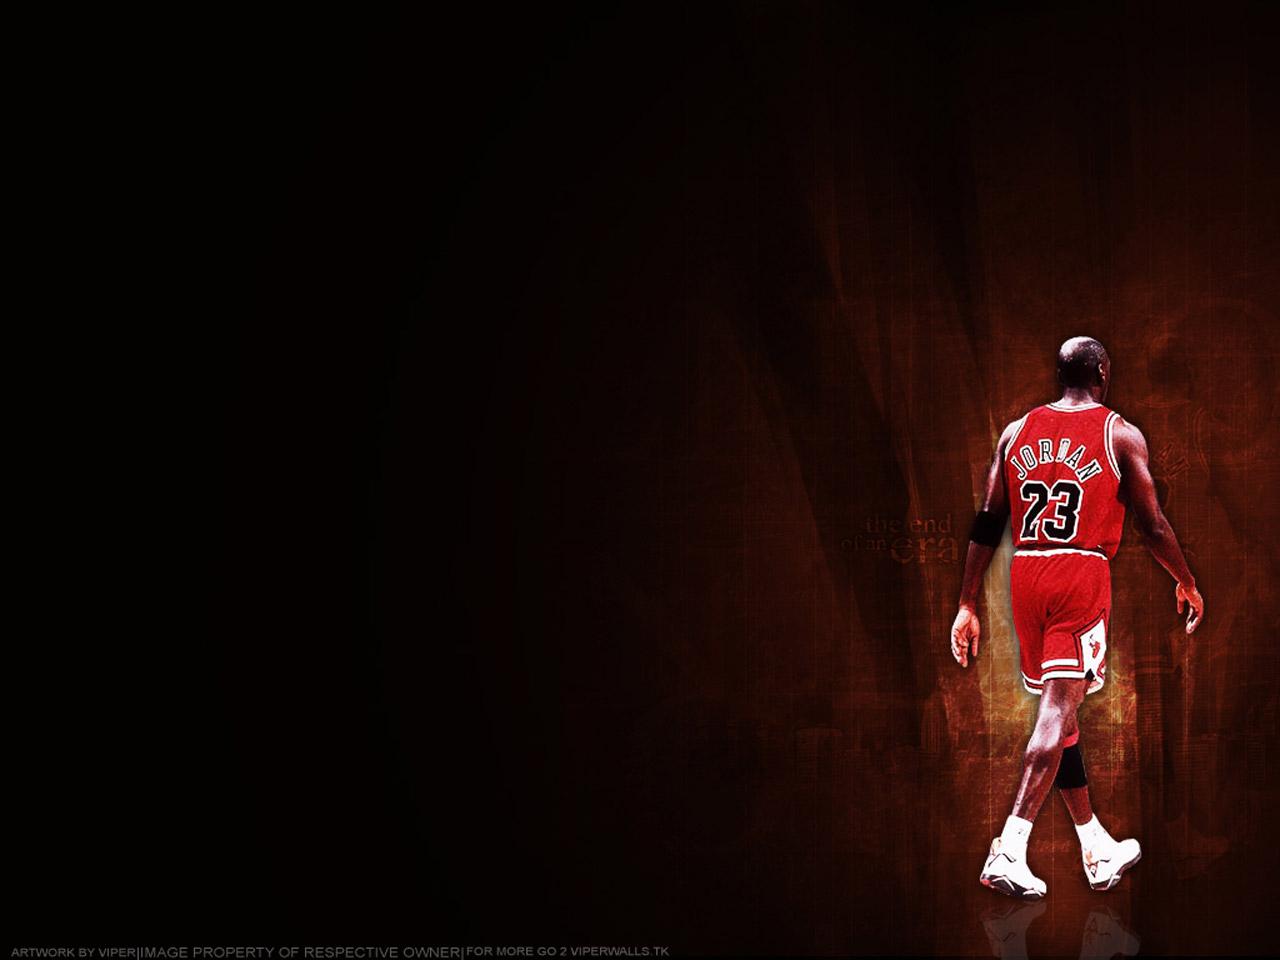 Michael Jordan HD WALLPAPERS ~ HD WALLPAPERS